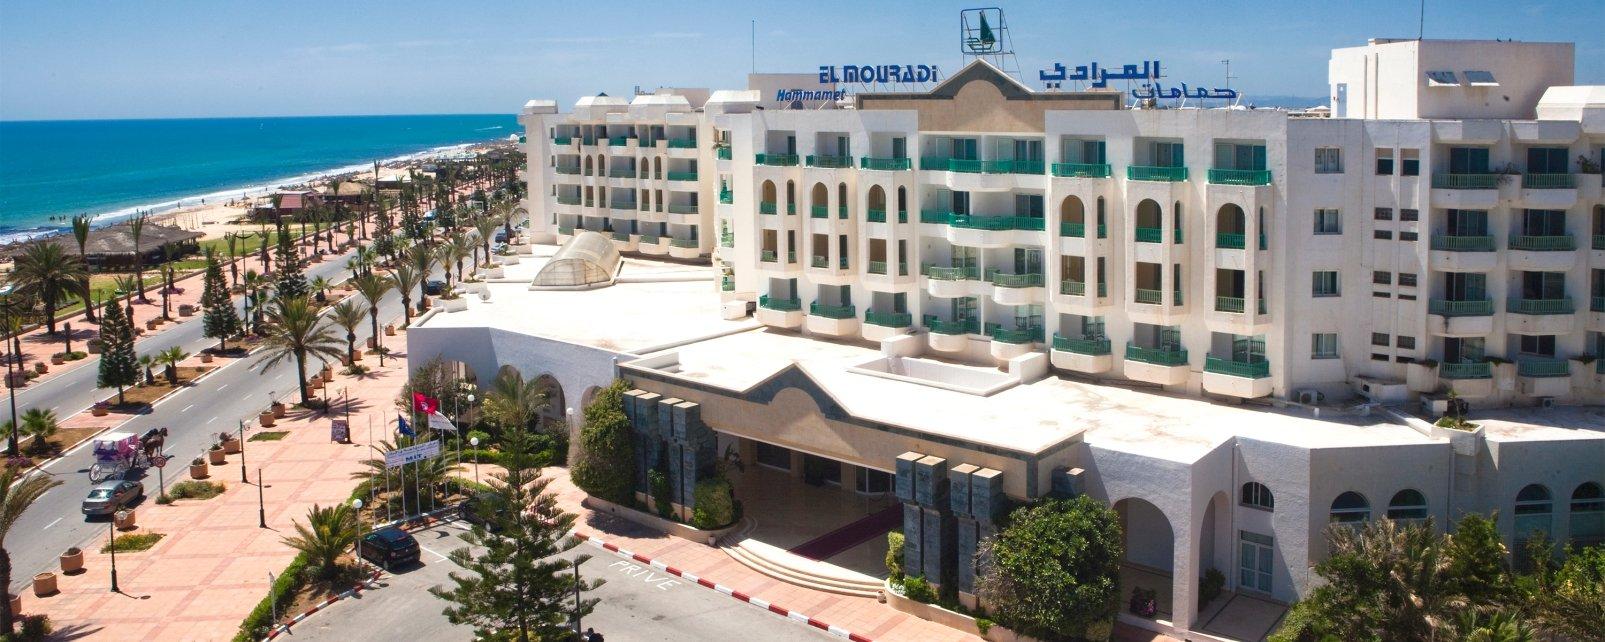 Hôtel El Mouradi